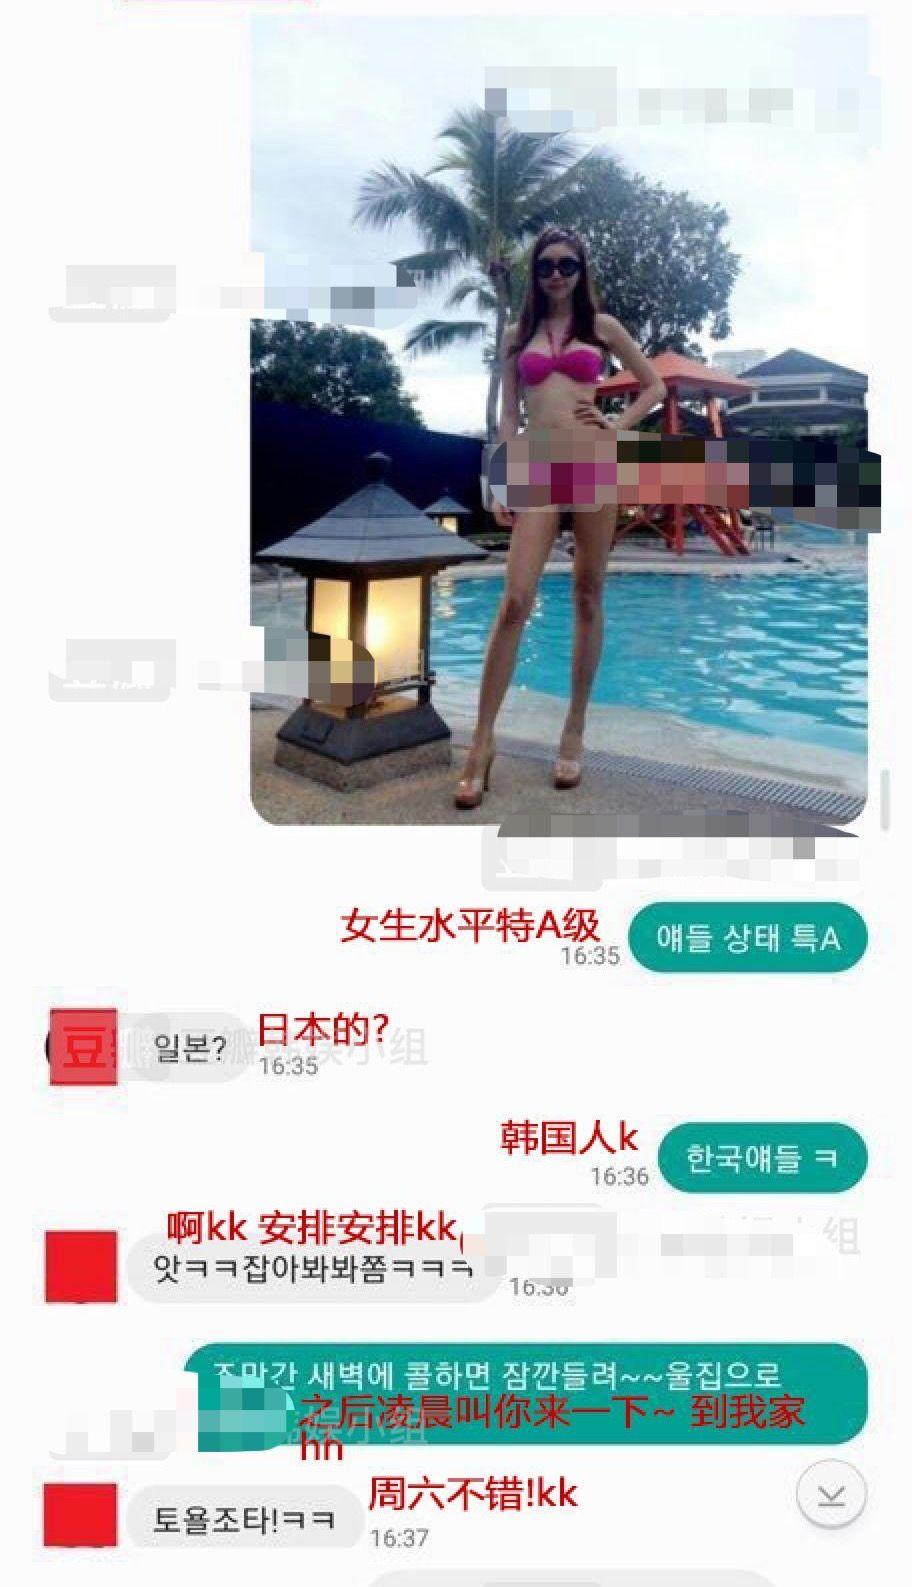 韩娱圈又出丑闻!张东健大尺度聊天记录遭曝光,有嫩模也有人妻。其中还提到玄彬